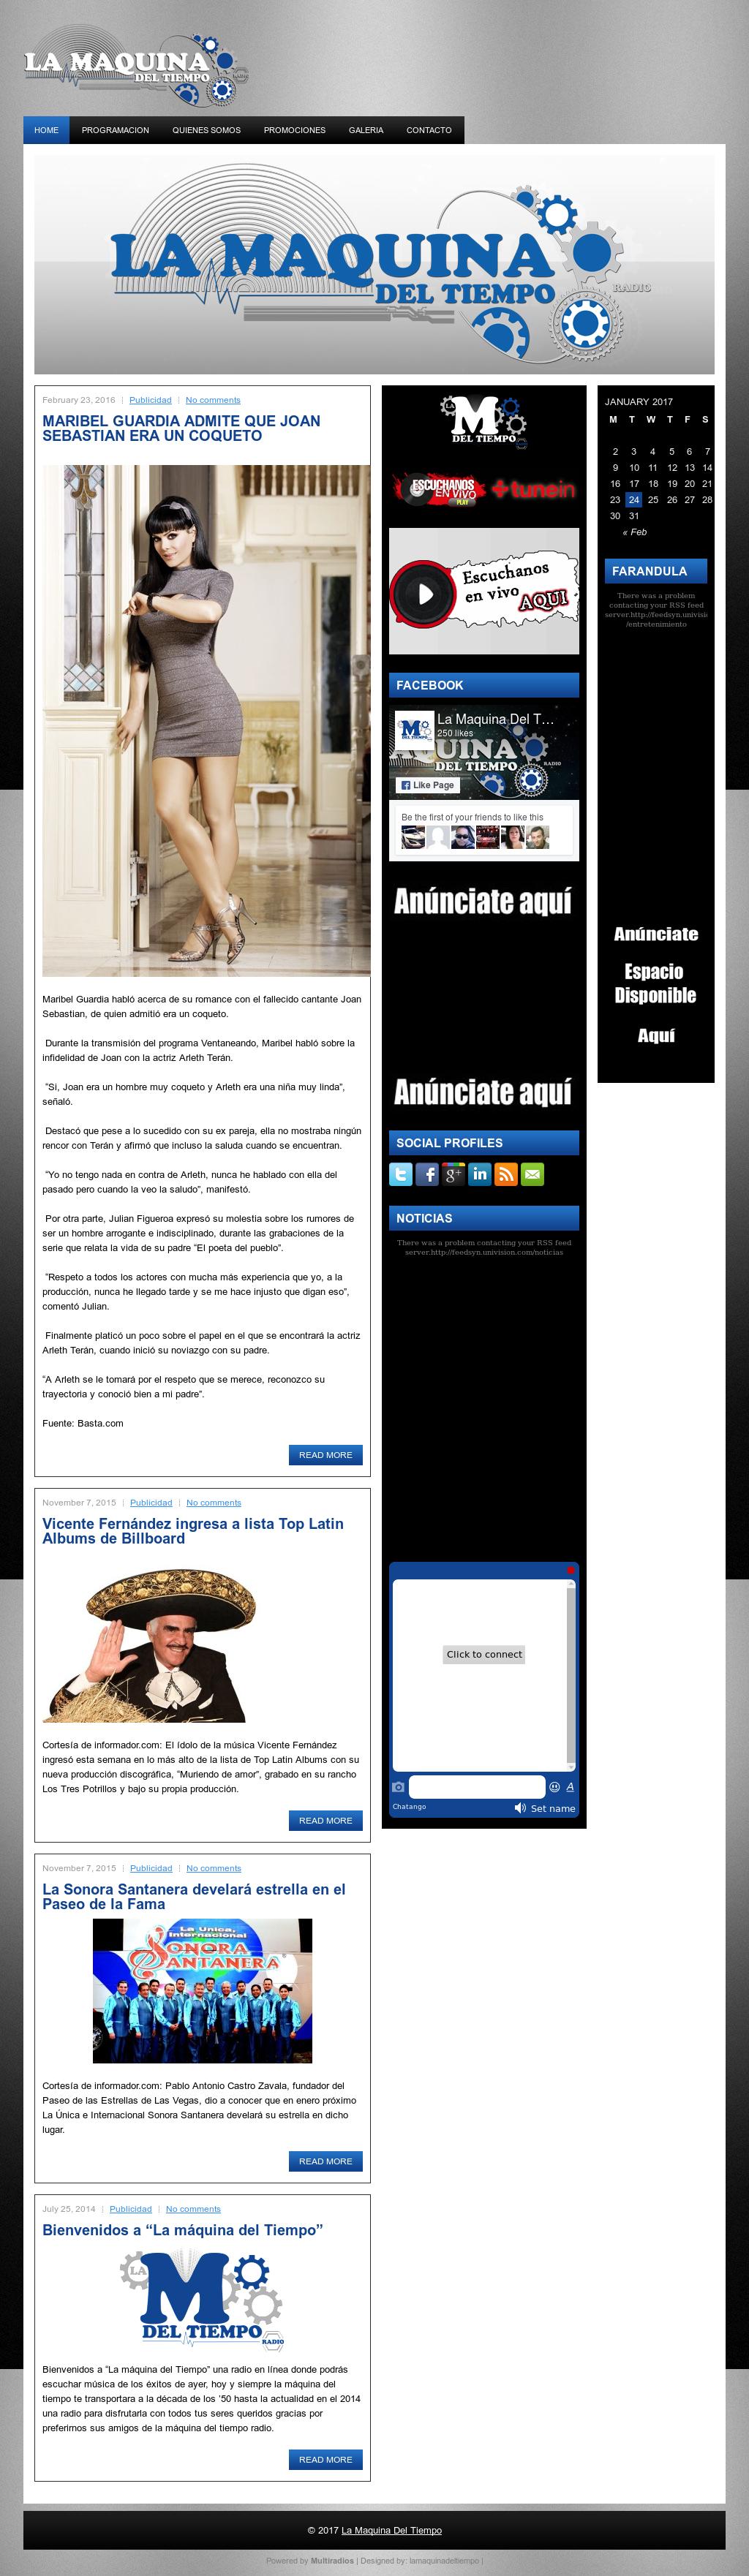 La Maquina Del Tiempo Competitors, Revenue and Employees